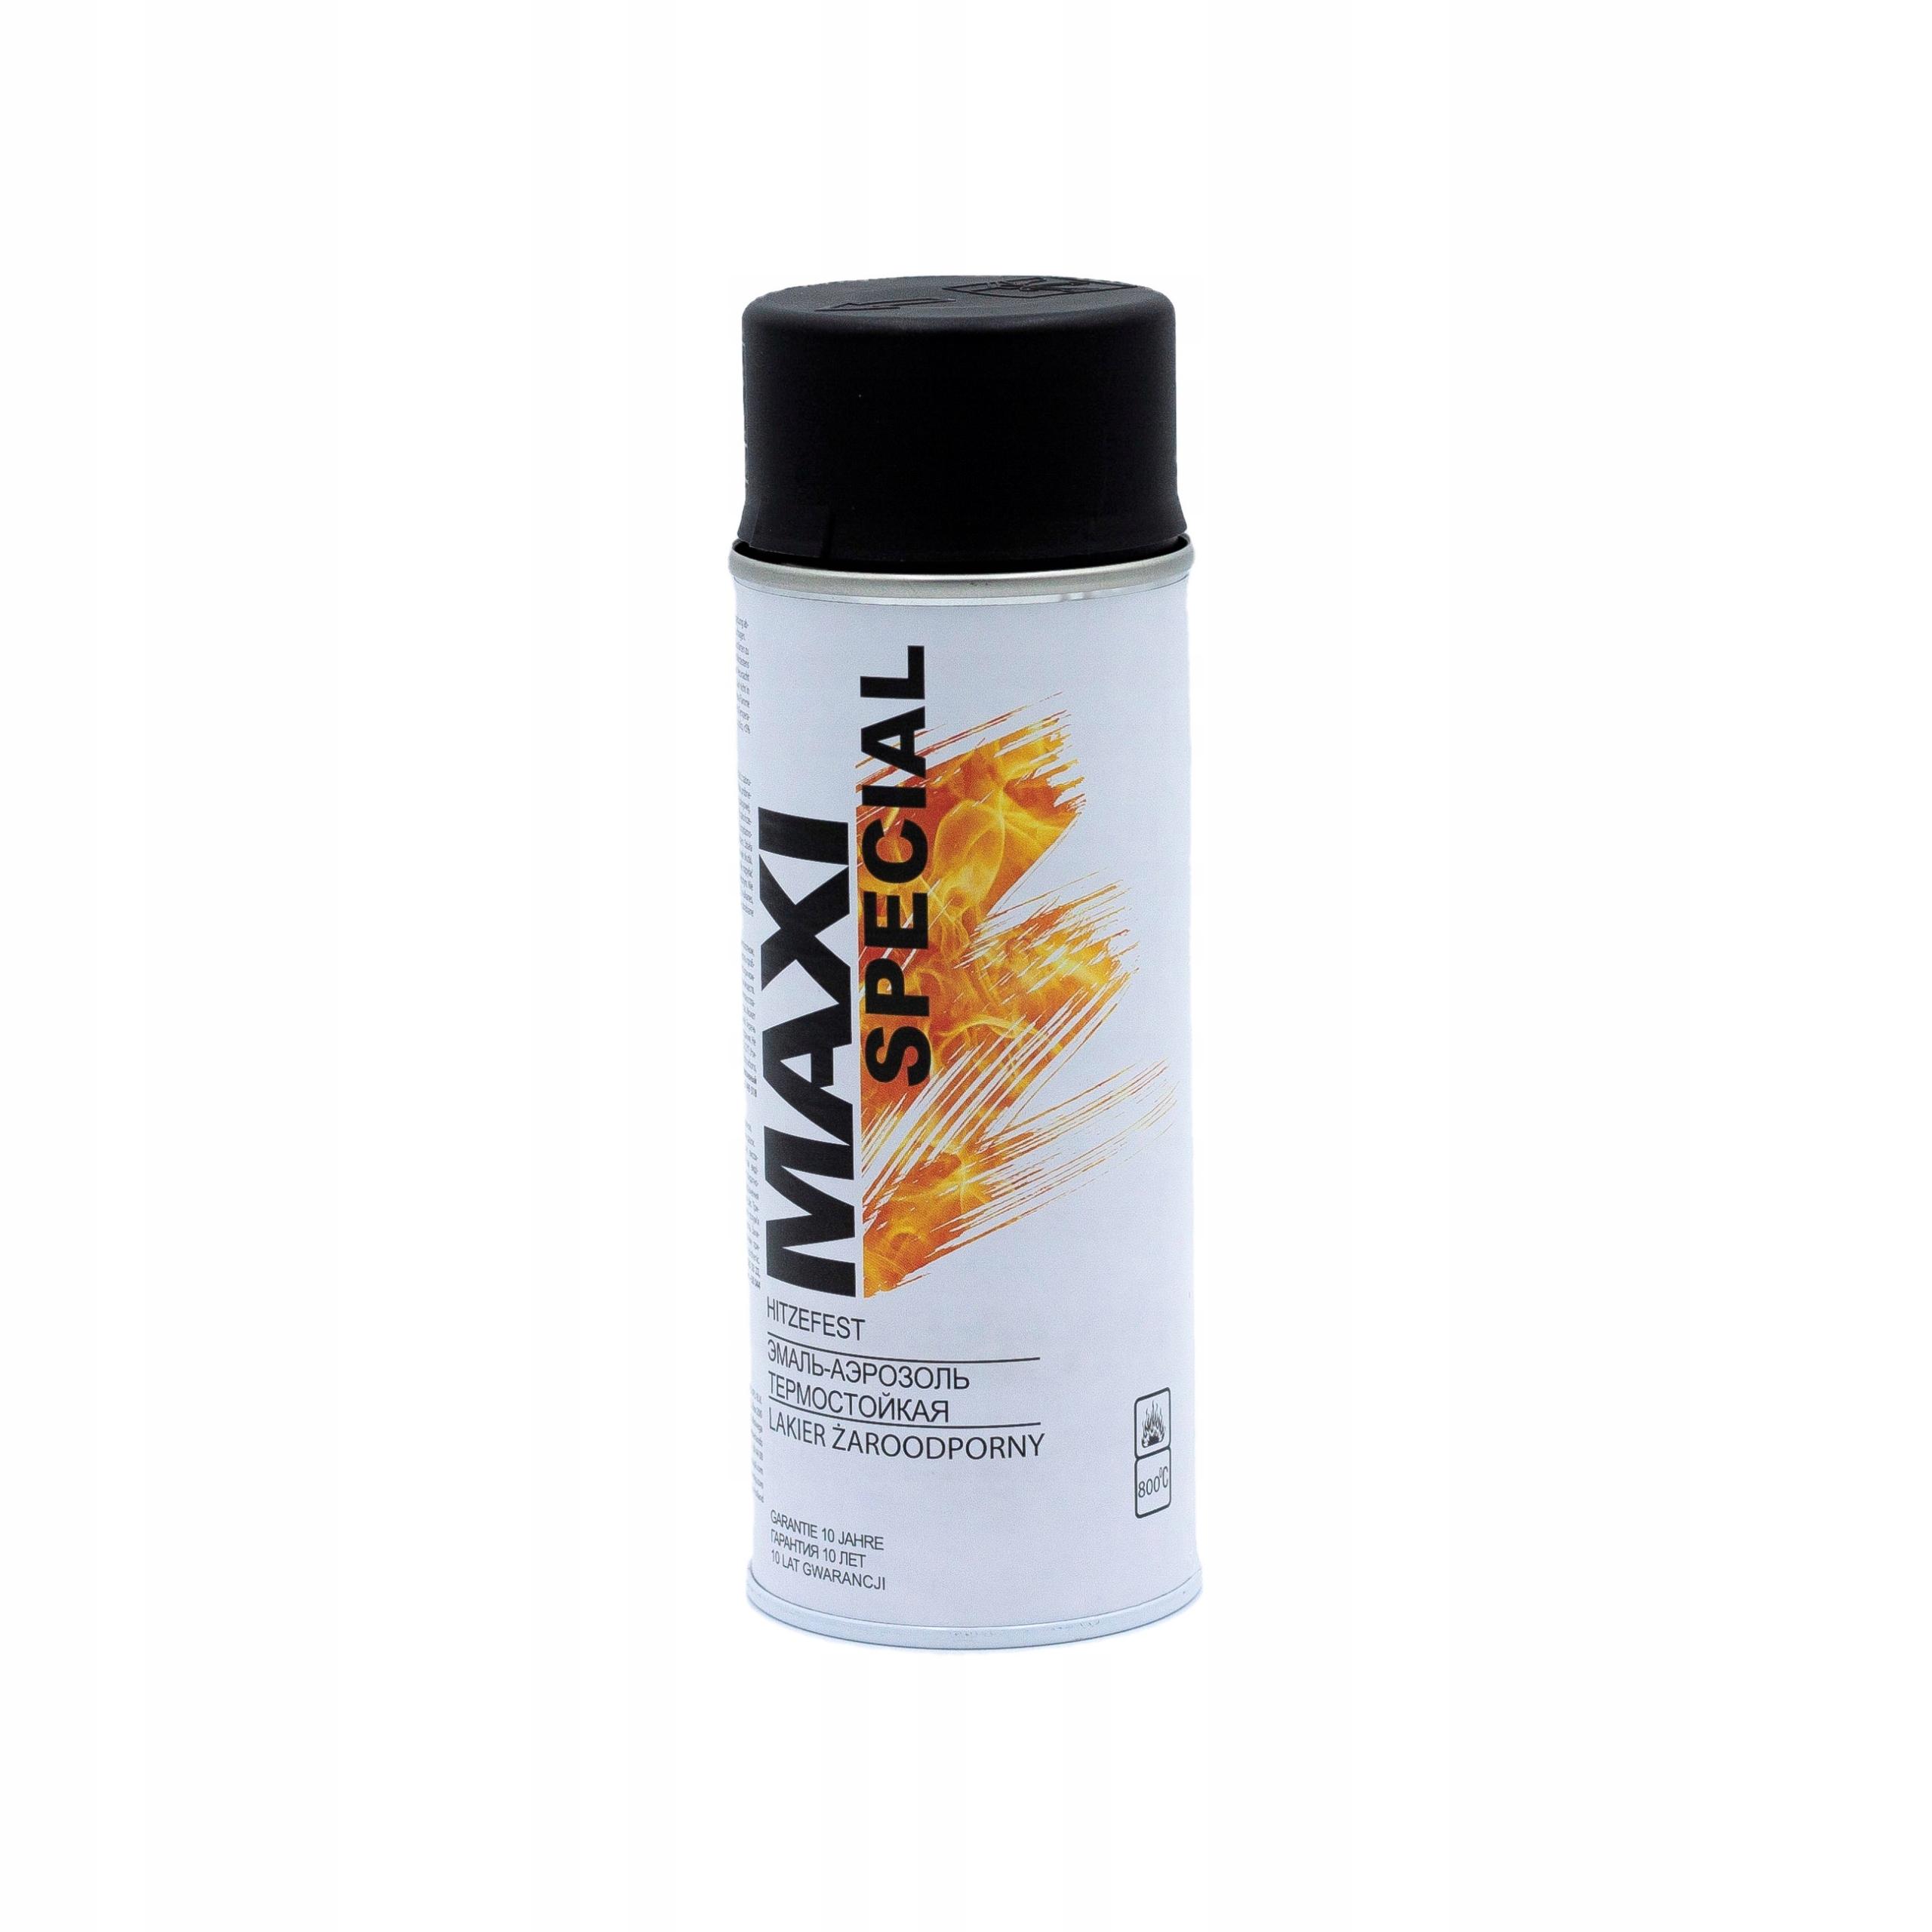 Maxi żaroodporny spray farba tłumików 800 czarny